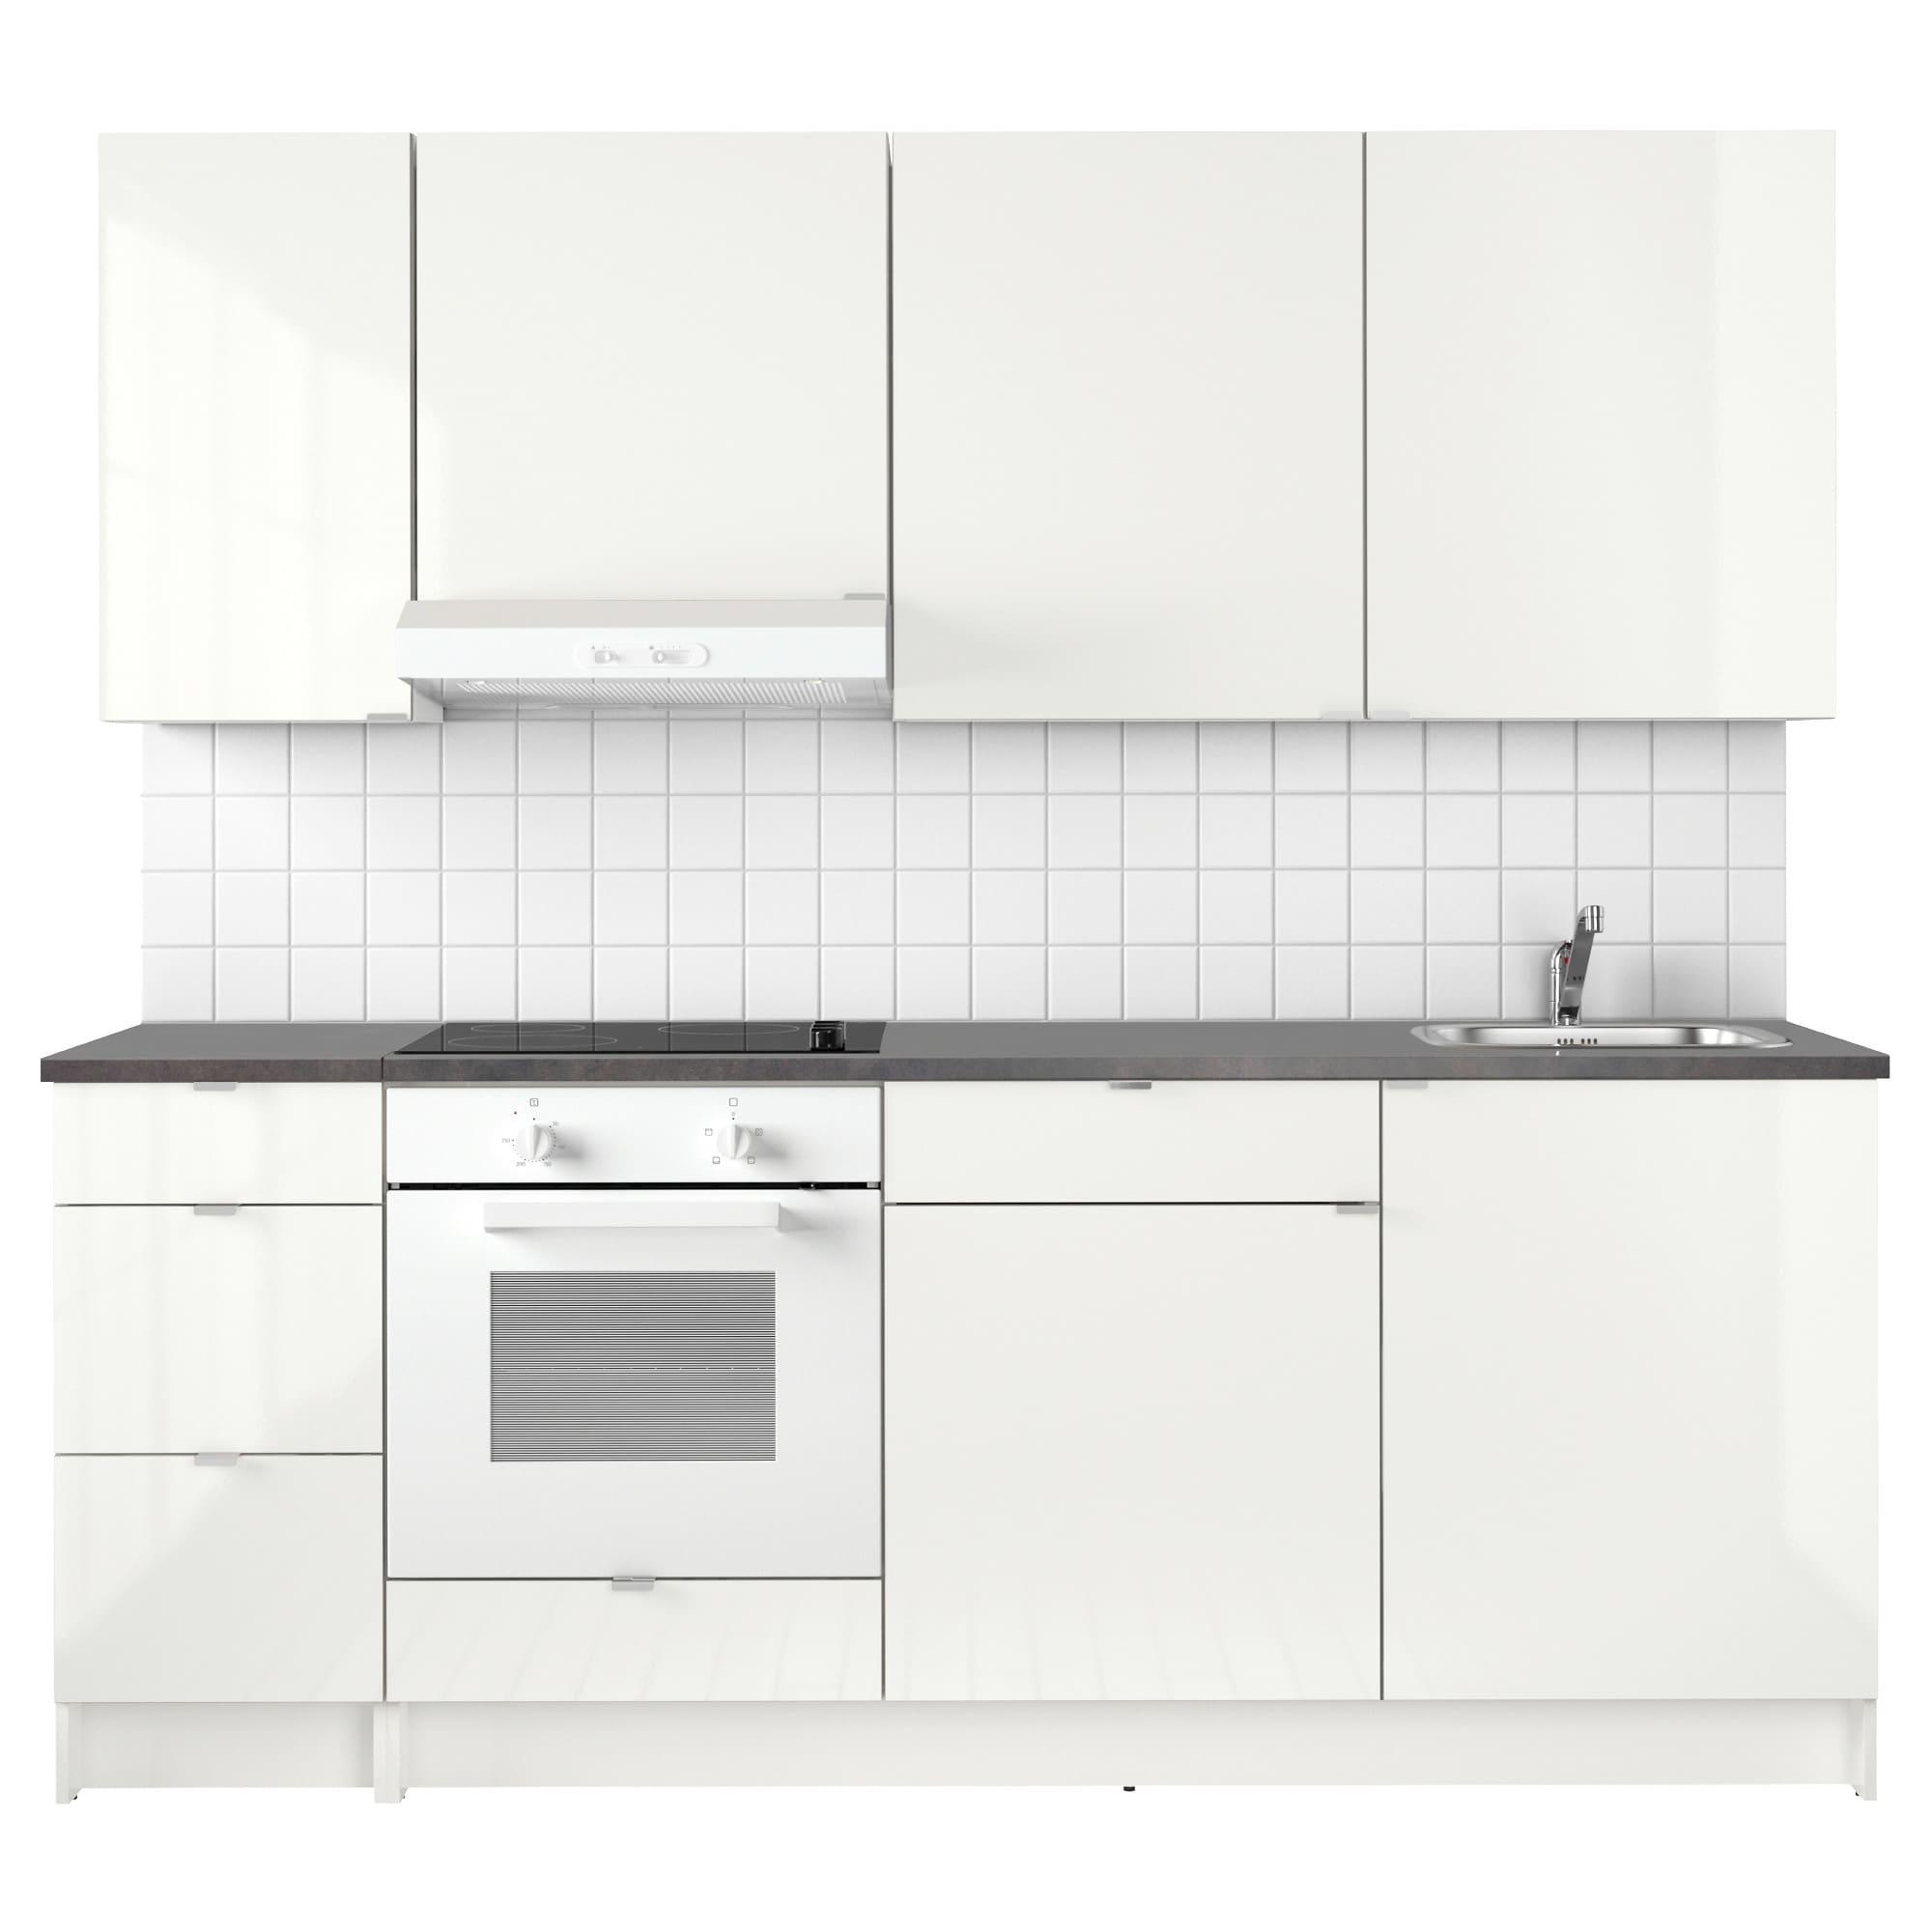 KNOXHULT Küche Hochglanz weiß Küche hochglanz weiss